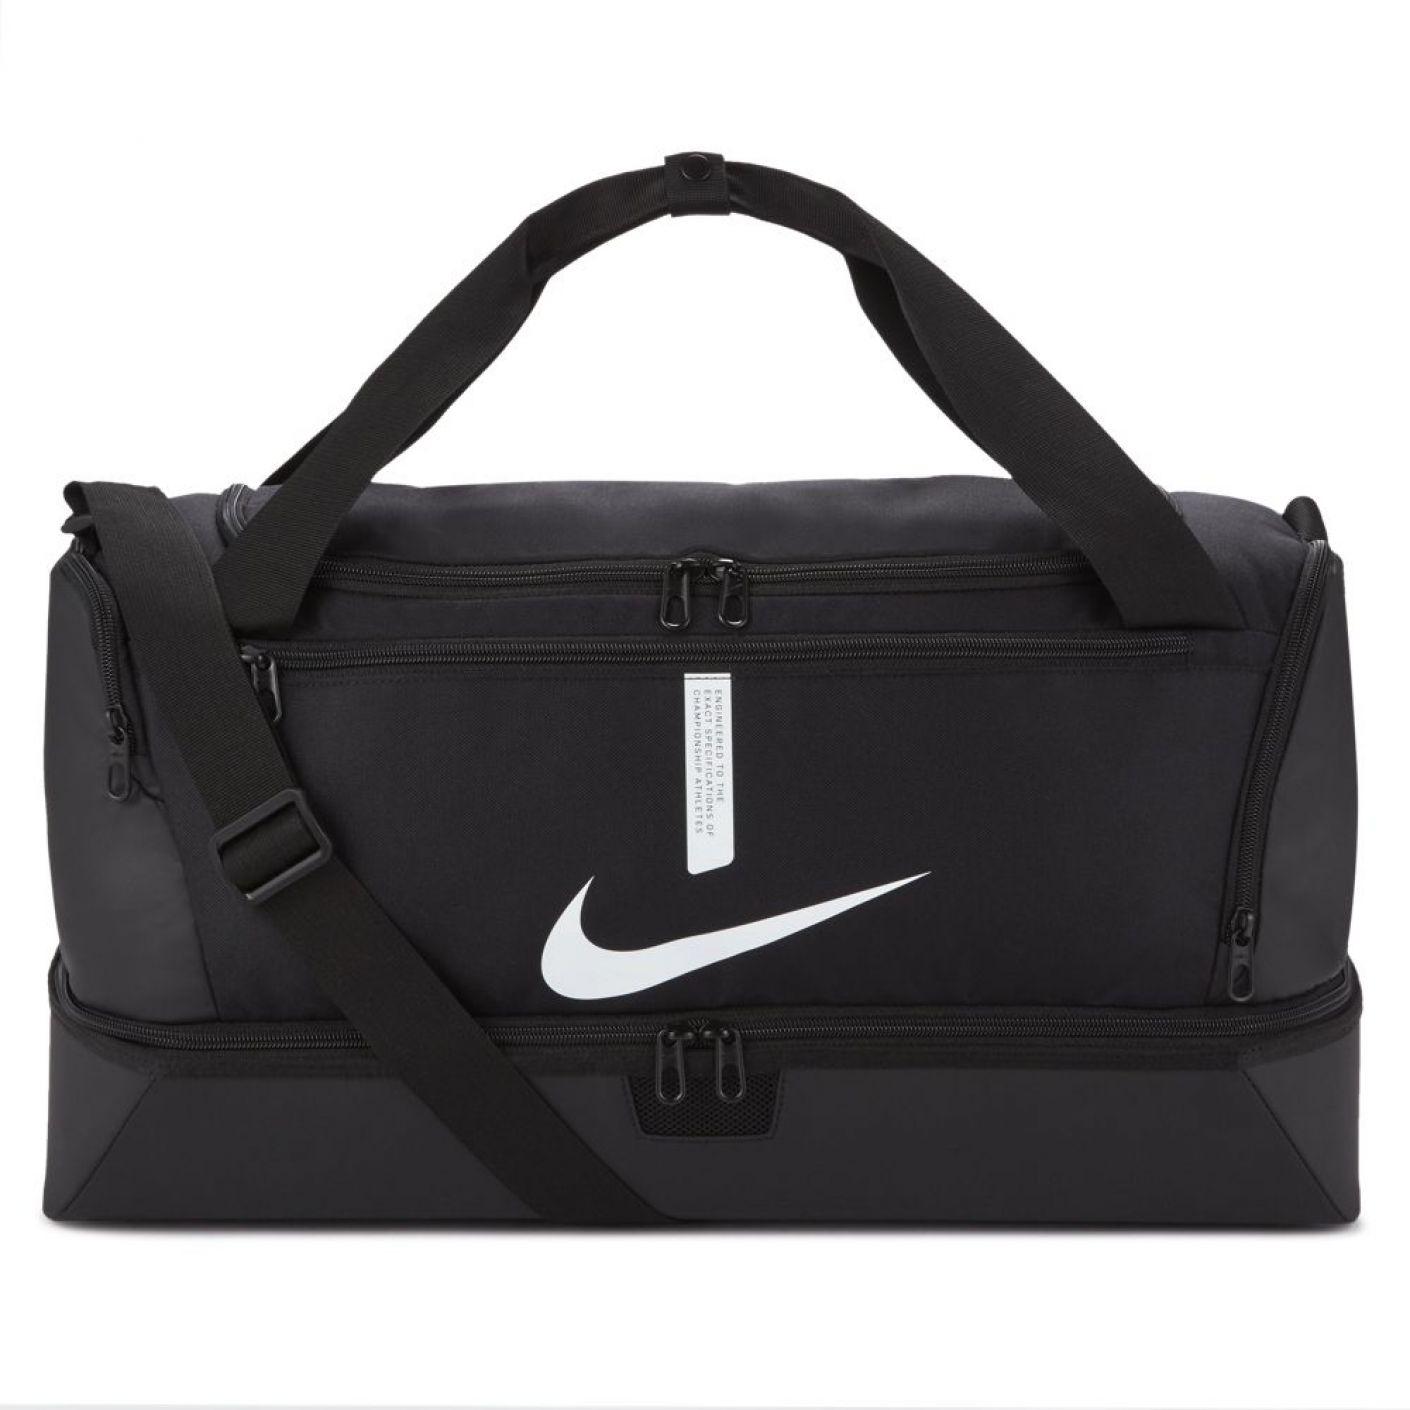 Nike Academy 21 Team Voetbaltas Medium Schoenenvak Zwart